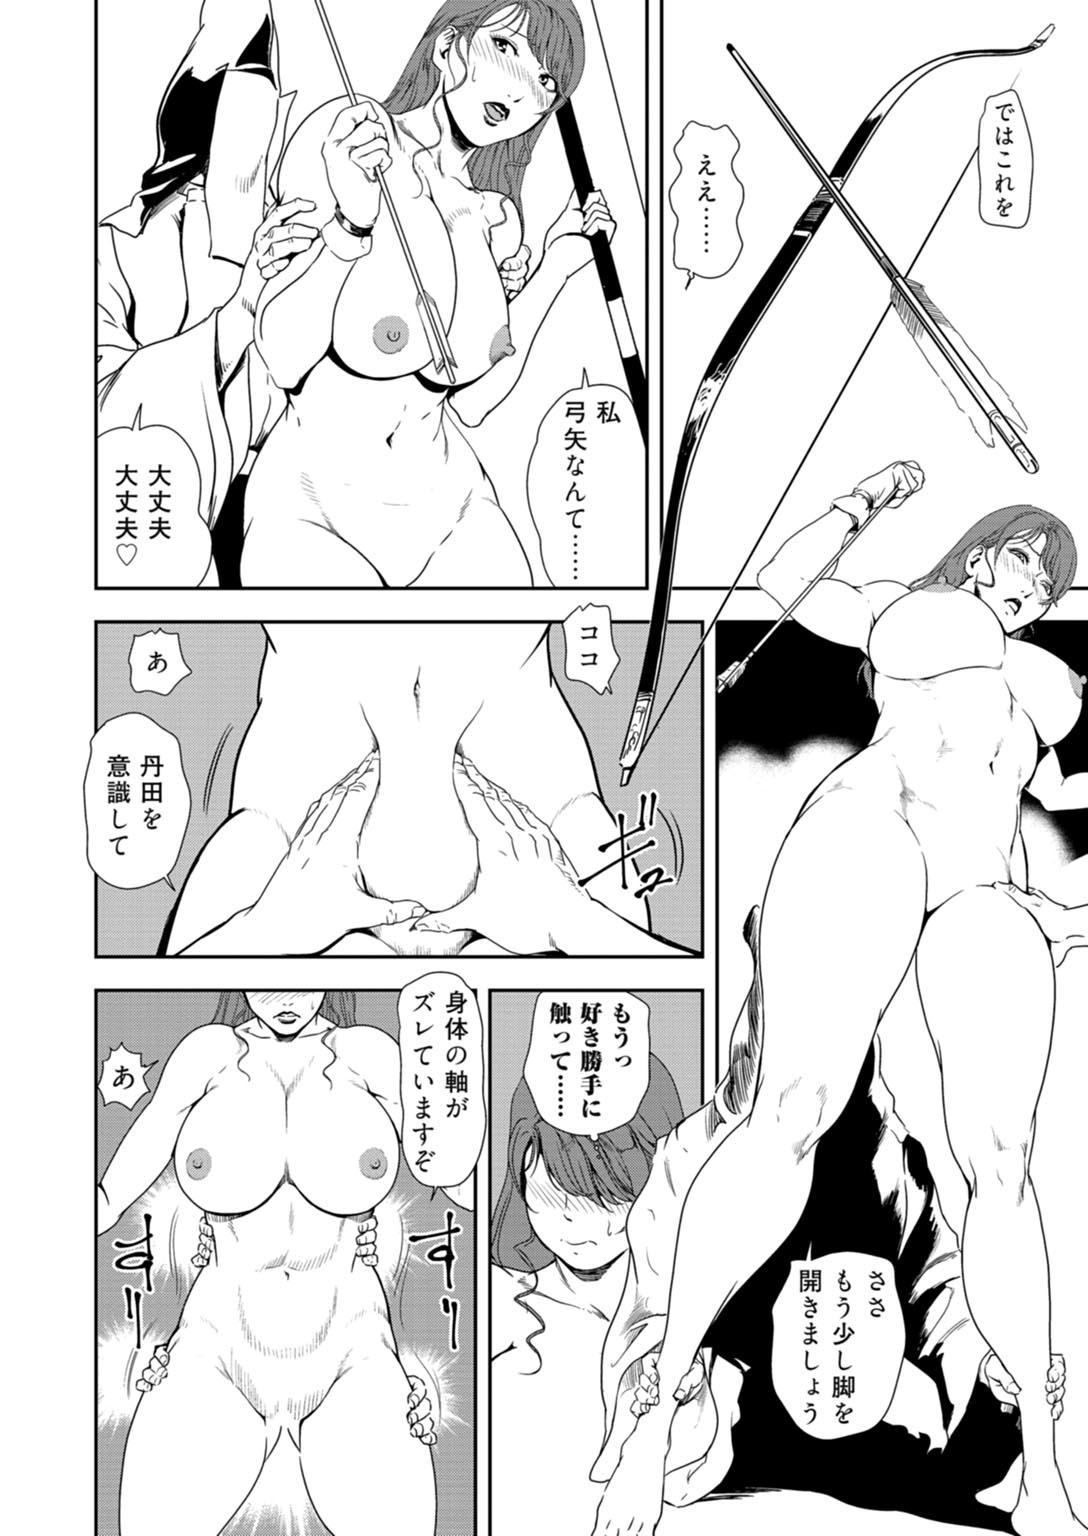 Nikuhisyo Yukiko 33 14